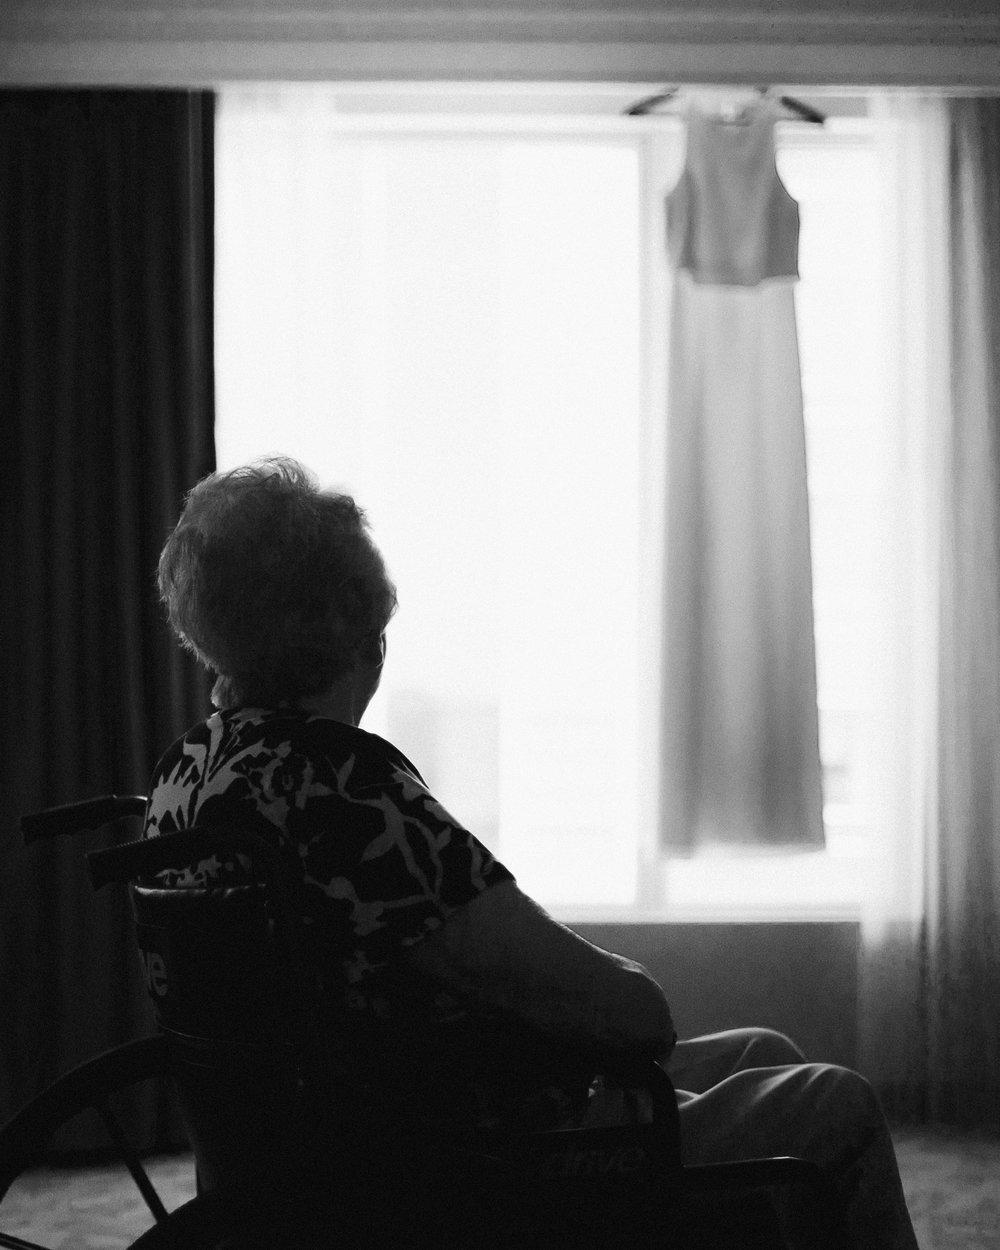 Grandmother Wedding Dress Nostalgic Moment Wedding Photographer Photography Anthology